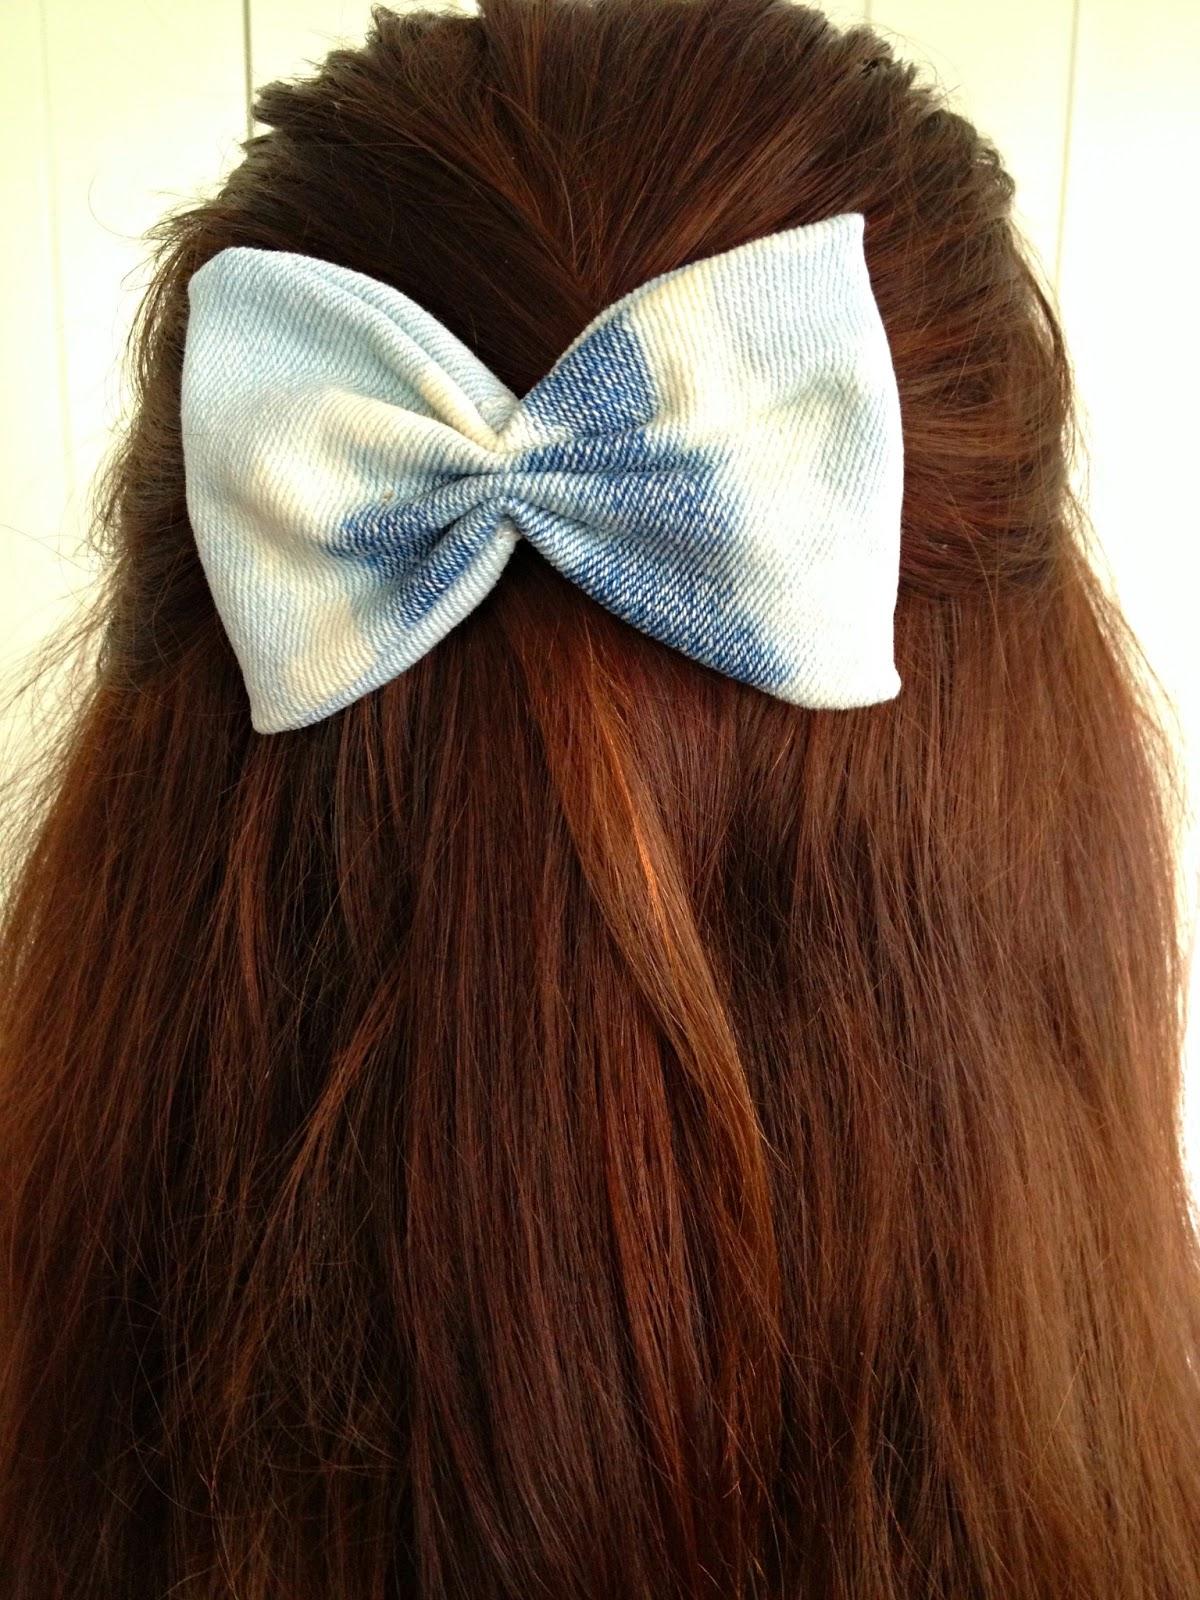 Salute To Cute Diy Hair Bows Denim Scraps Tutorial